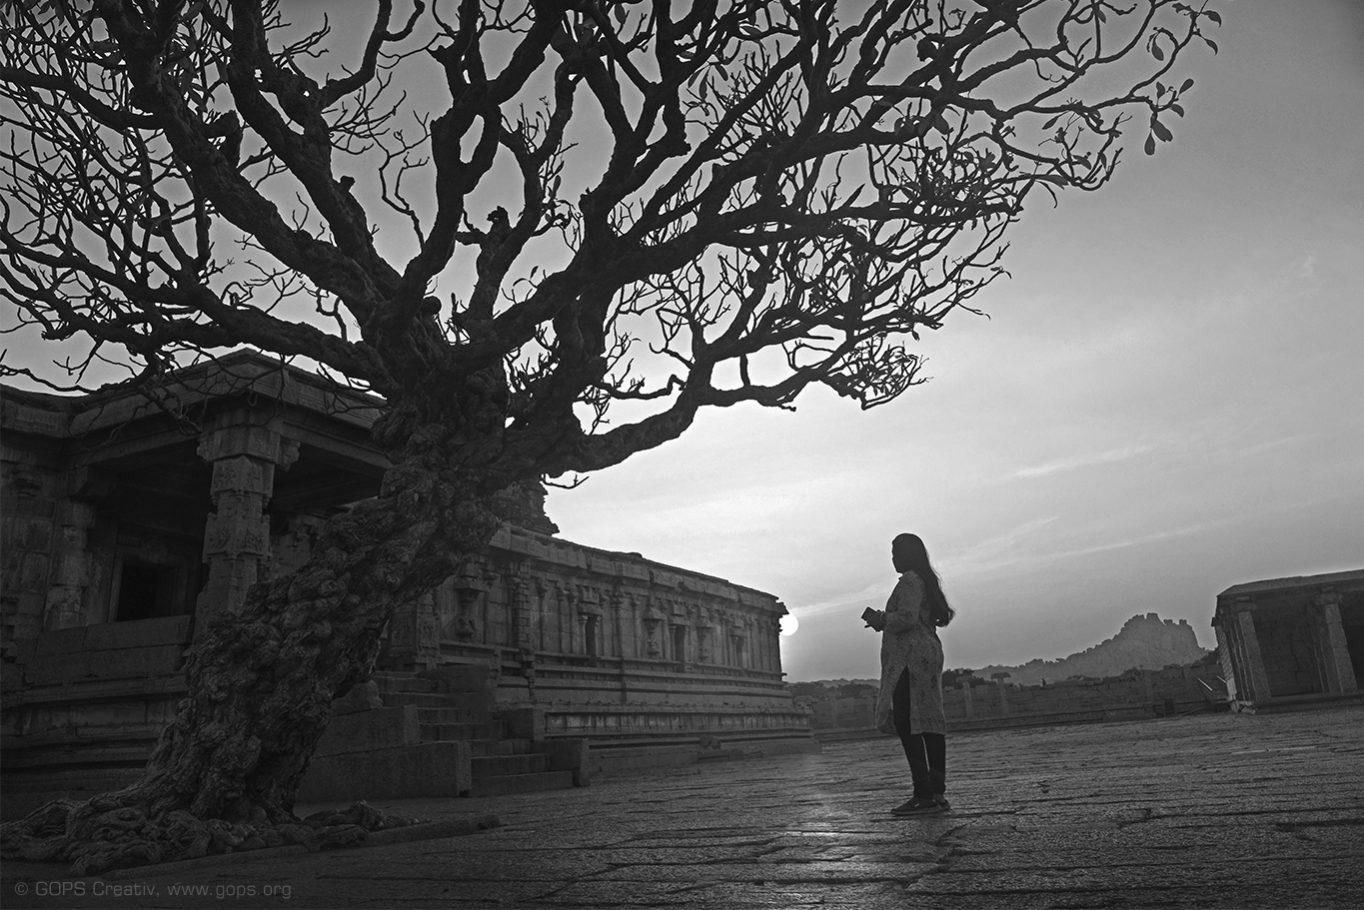 THE TREE OF LIFE, HAMPI